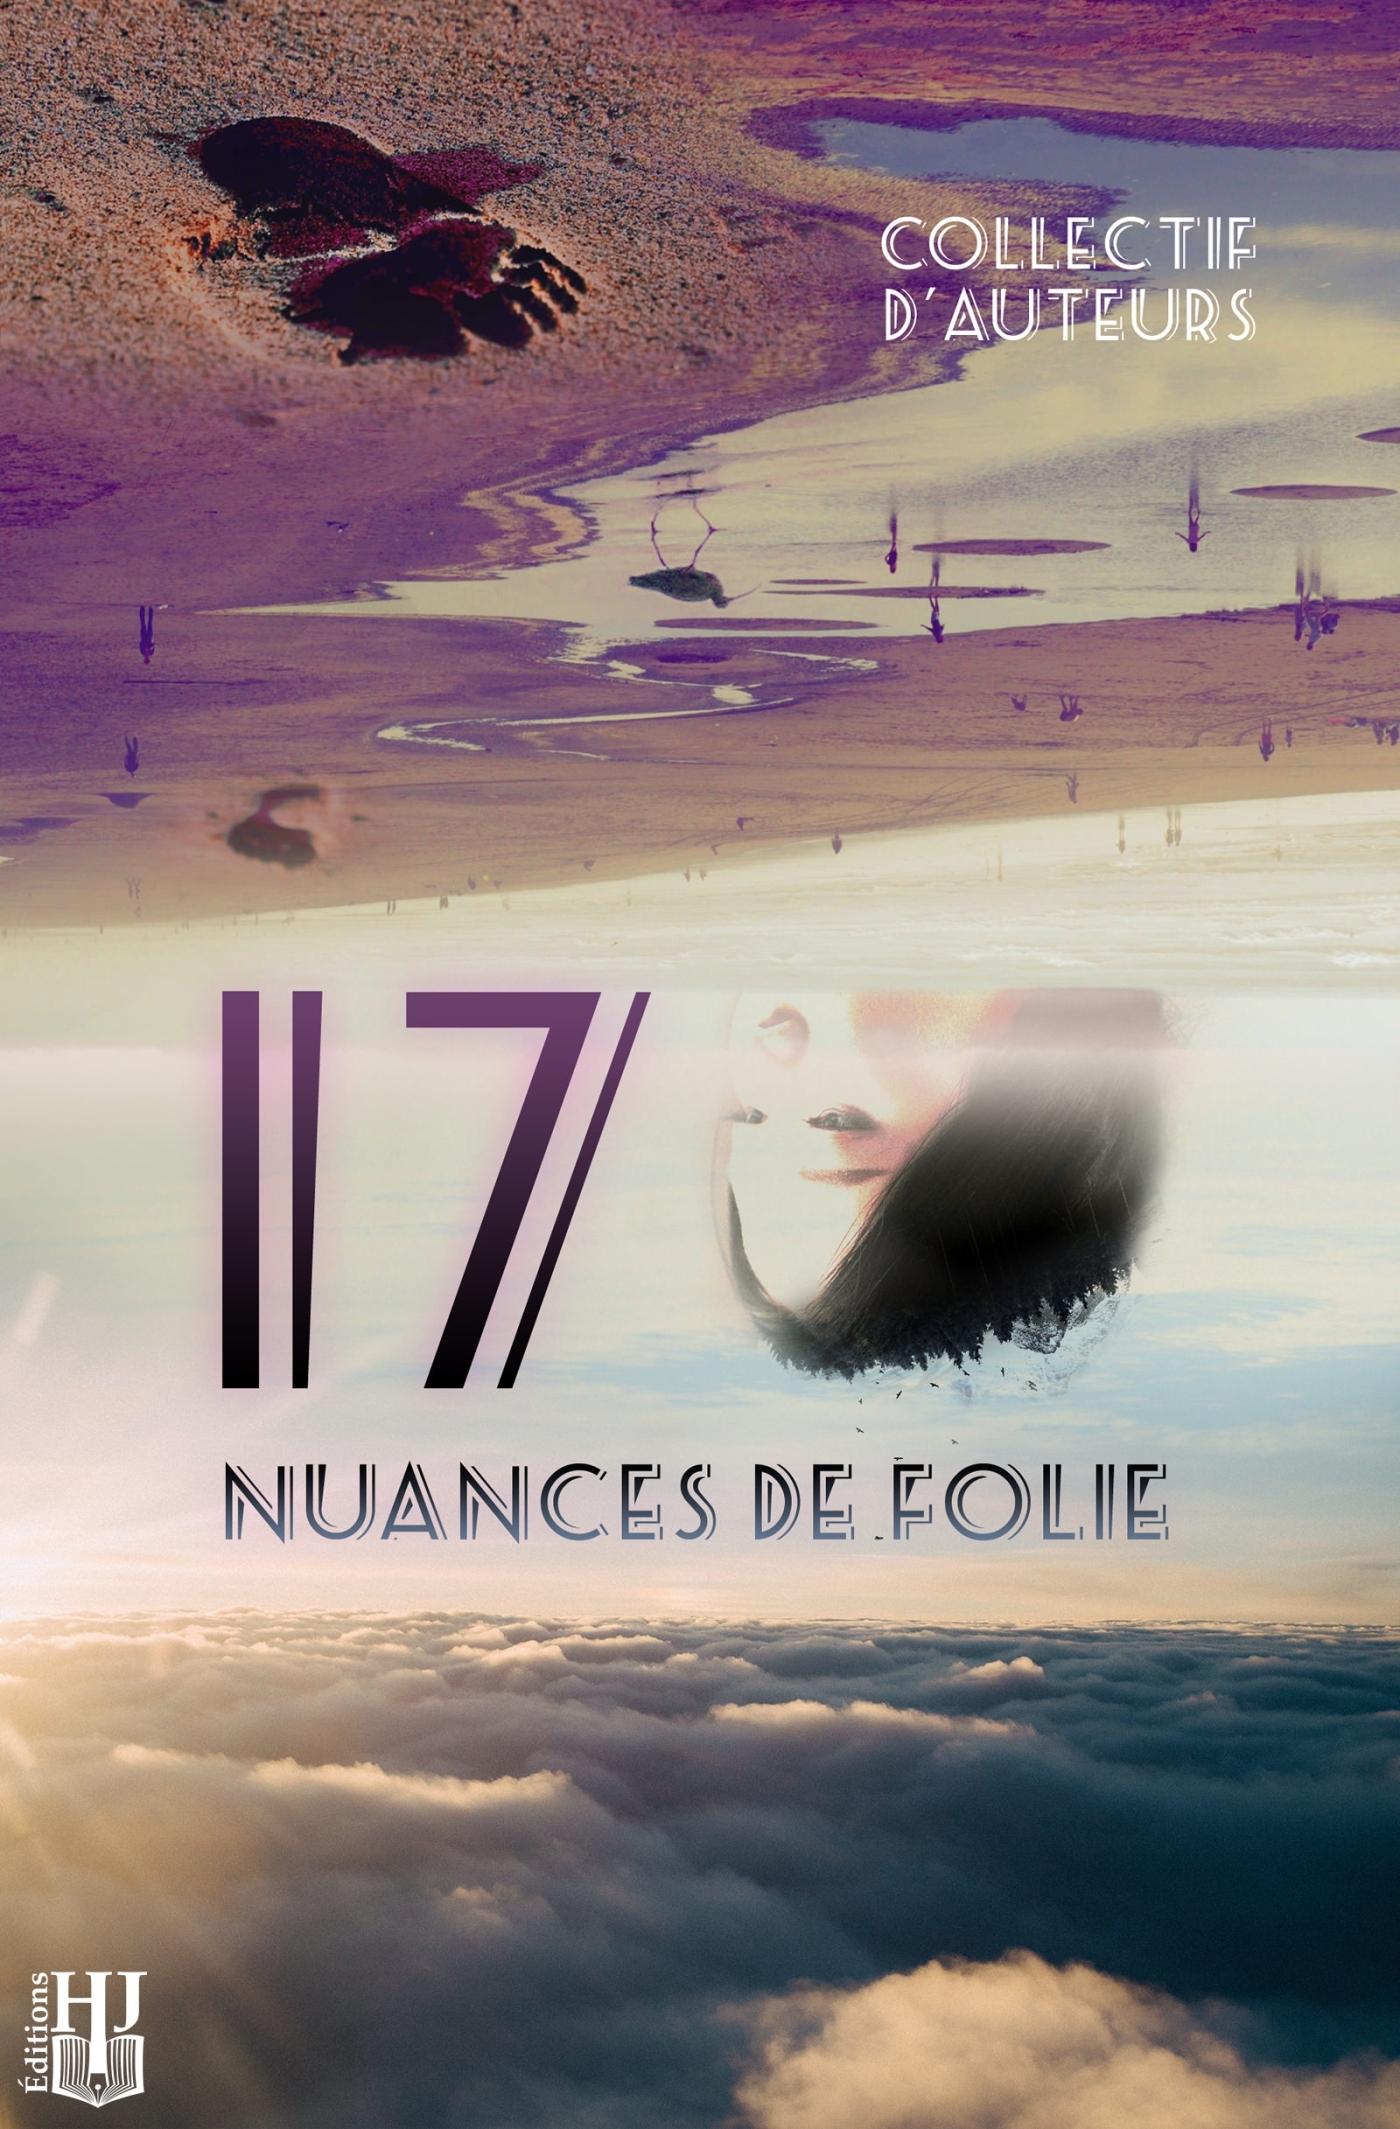 17 NUANCES DE FOLIE